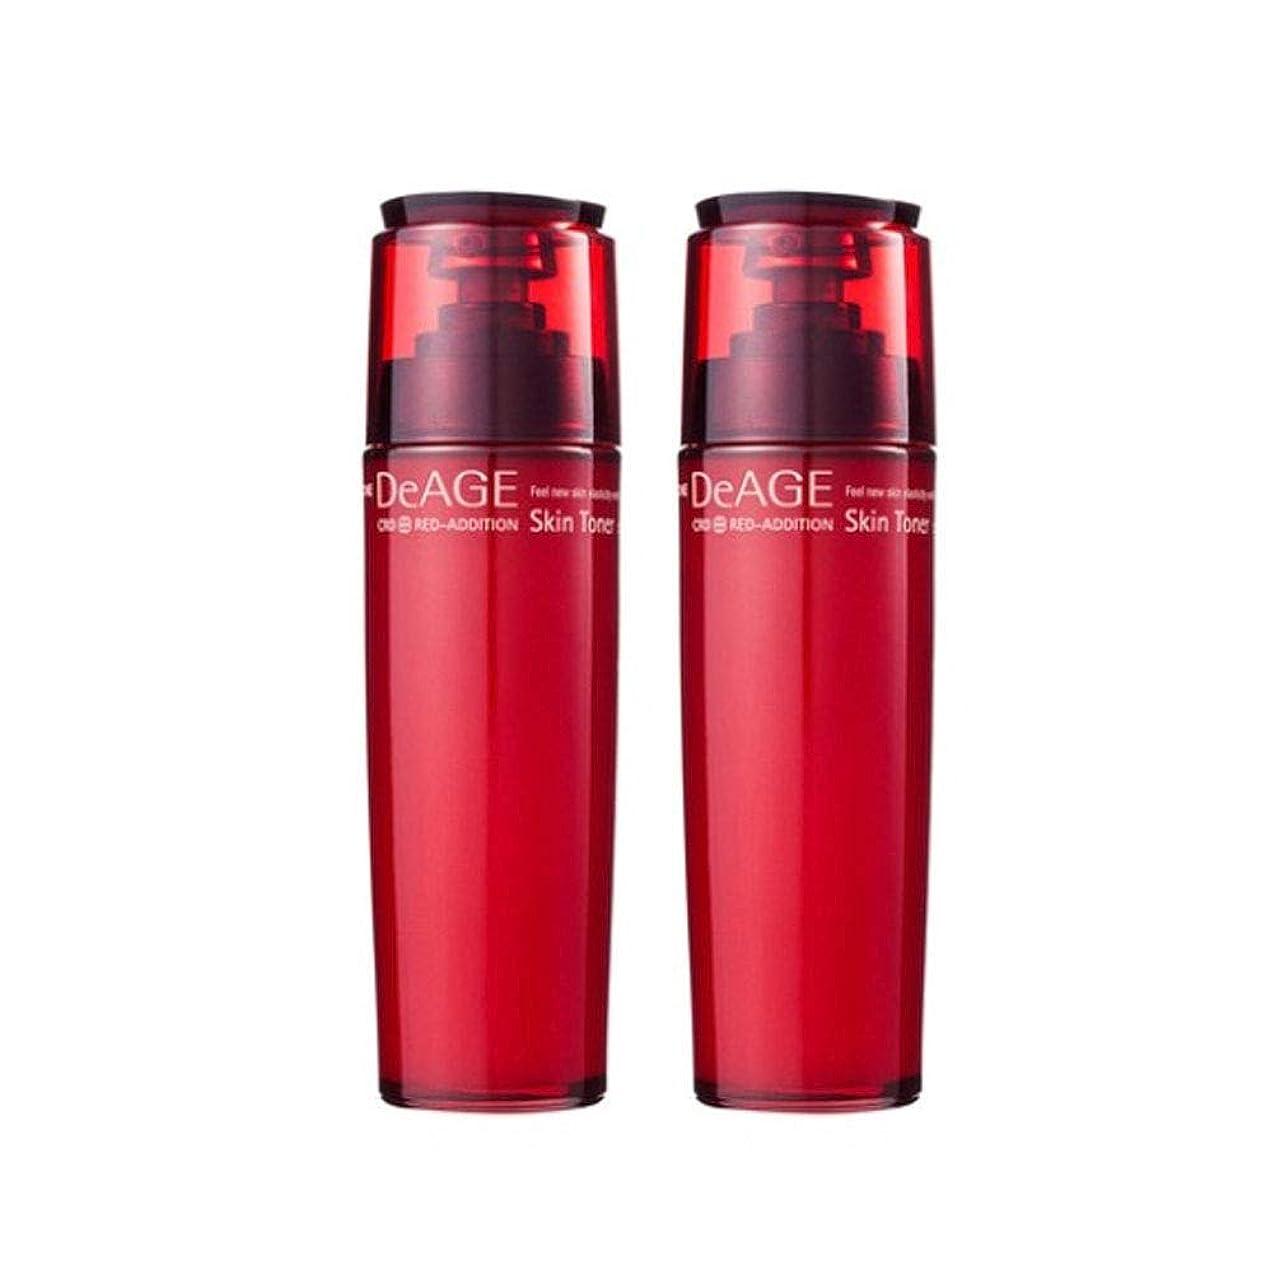 苦しみ演劇発見チャムジョンディエイジレッドエディションスキントナー130ml x 2、Charmzone DeAGE Red-Addition Skin Toner 130ml x 2 [並行輸入品]